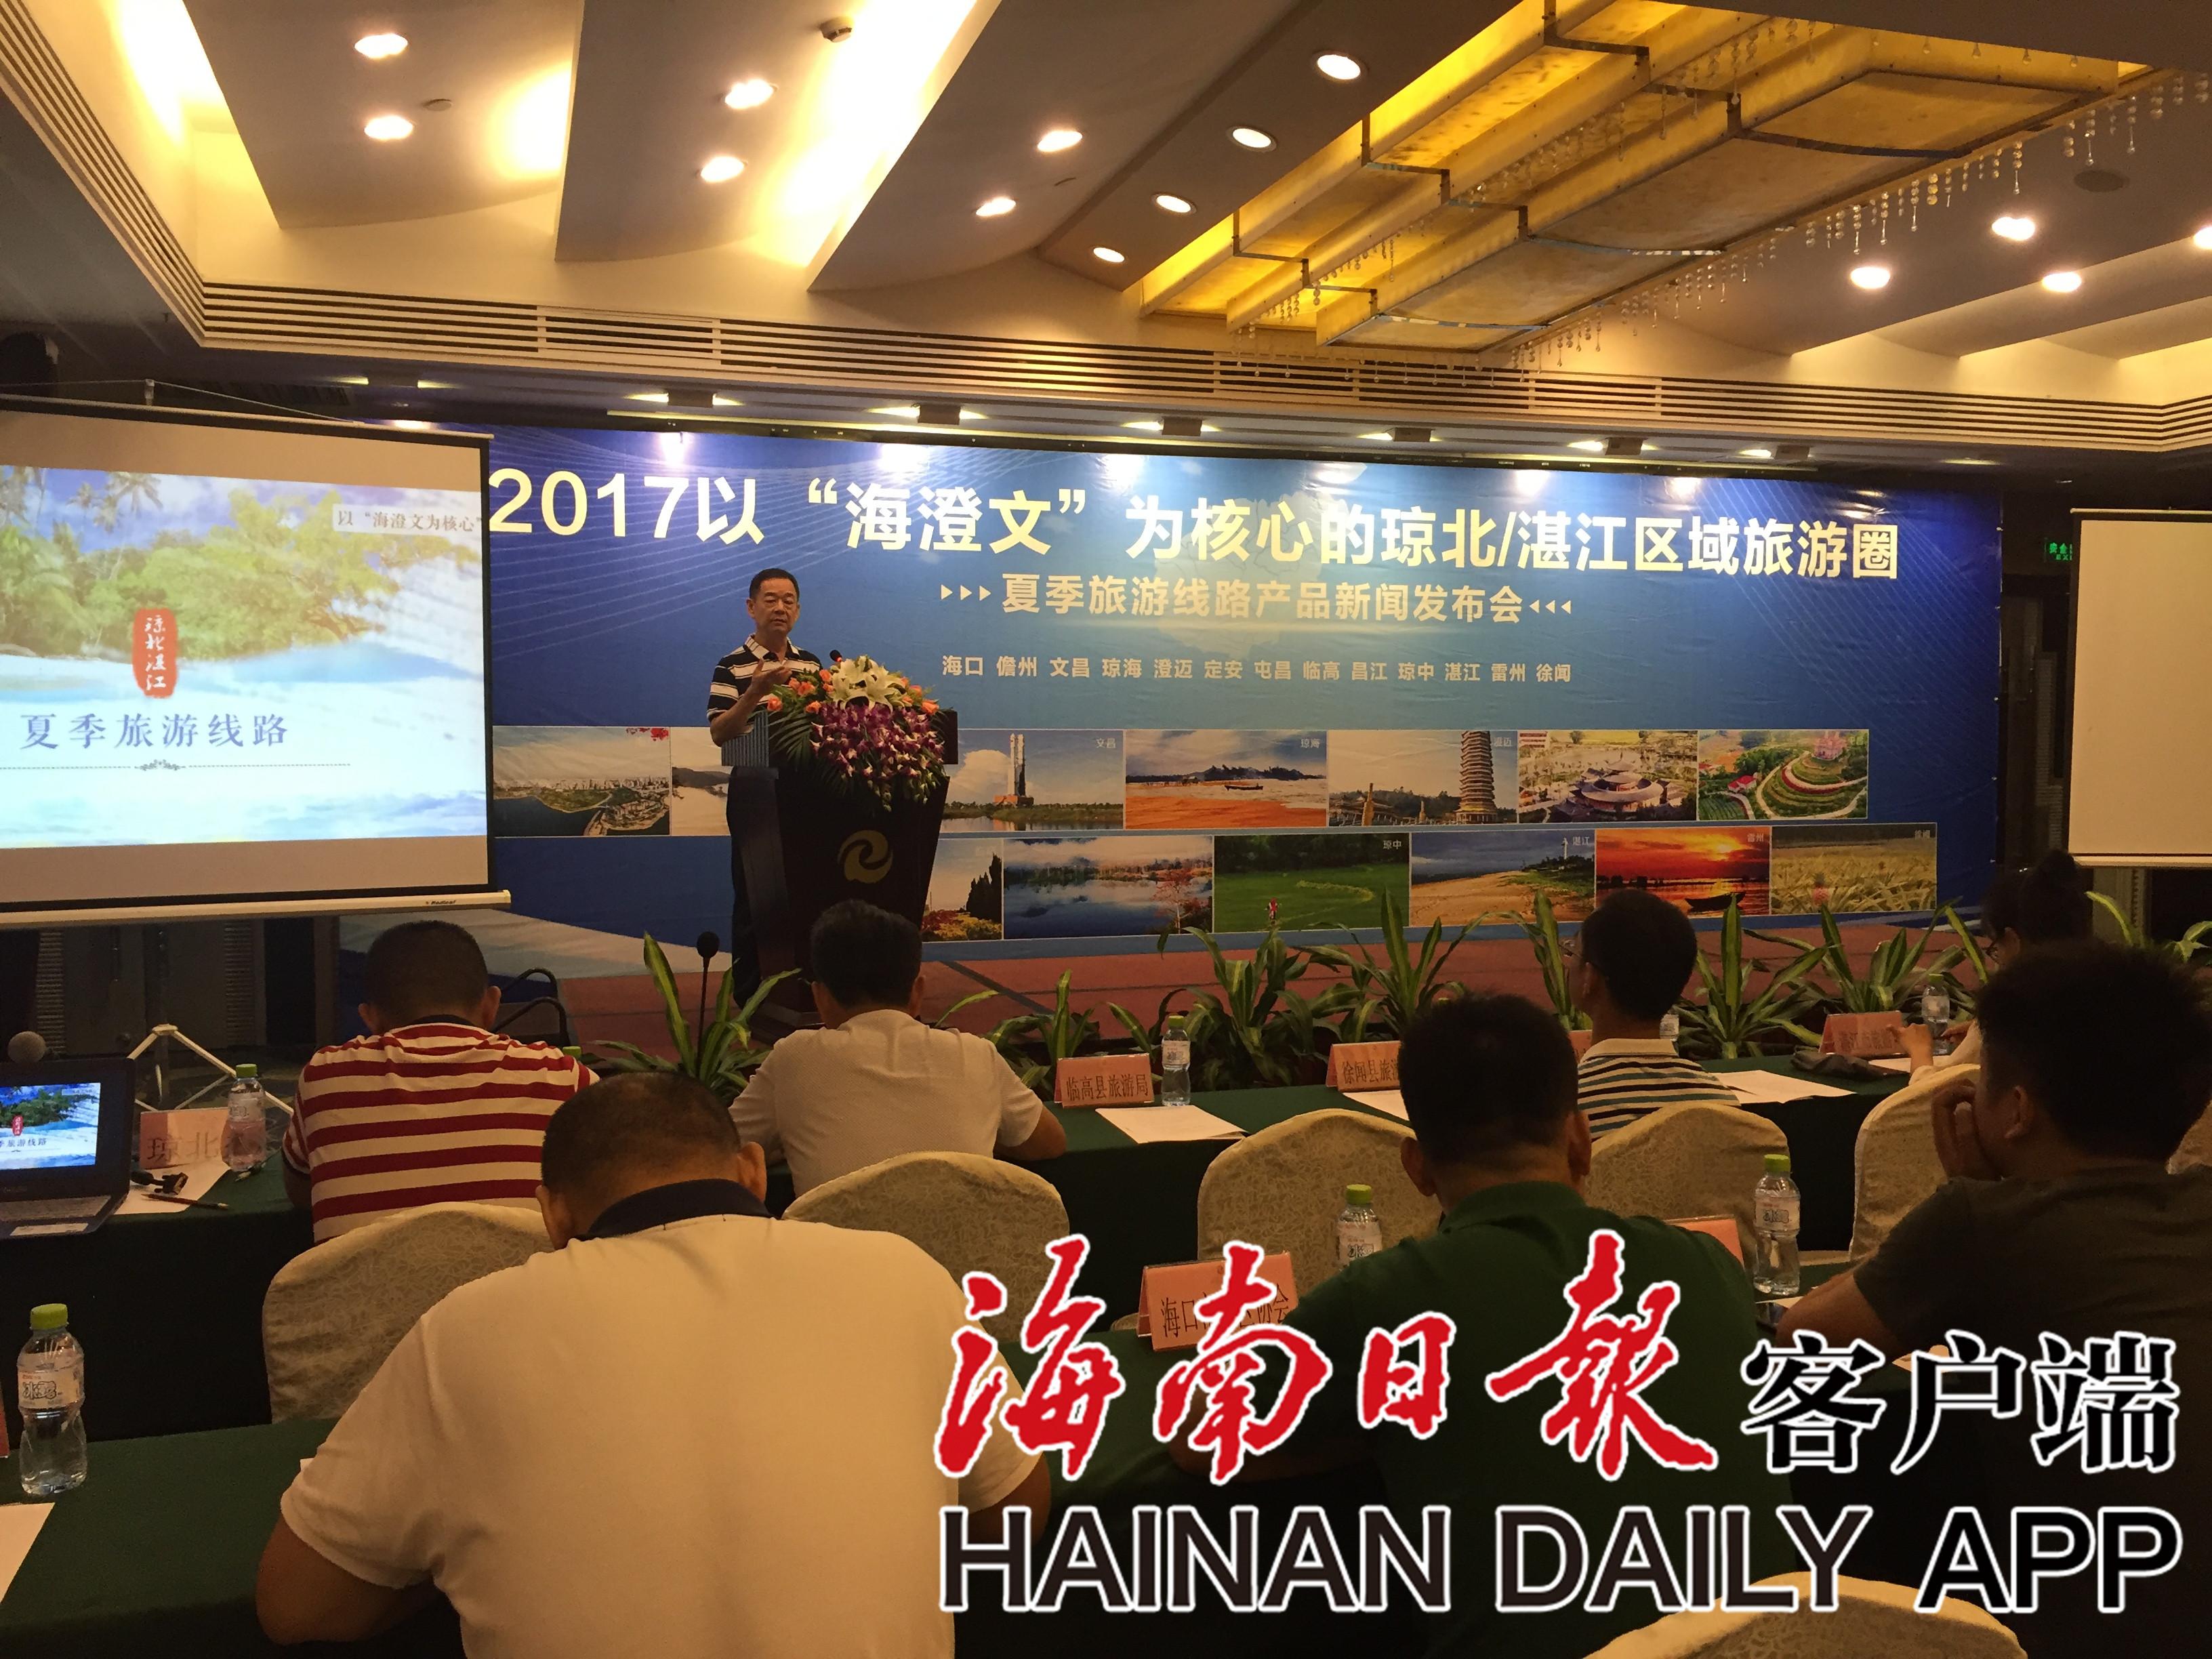 琼北湛江区域13城市推出7大系列48条旅游线路